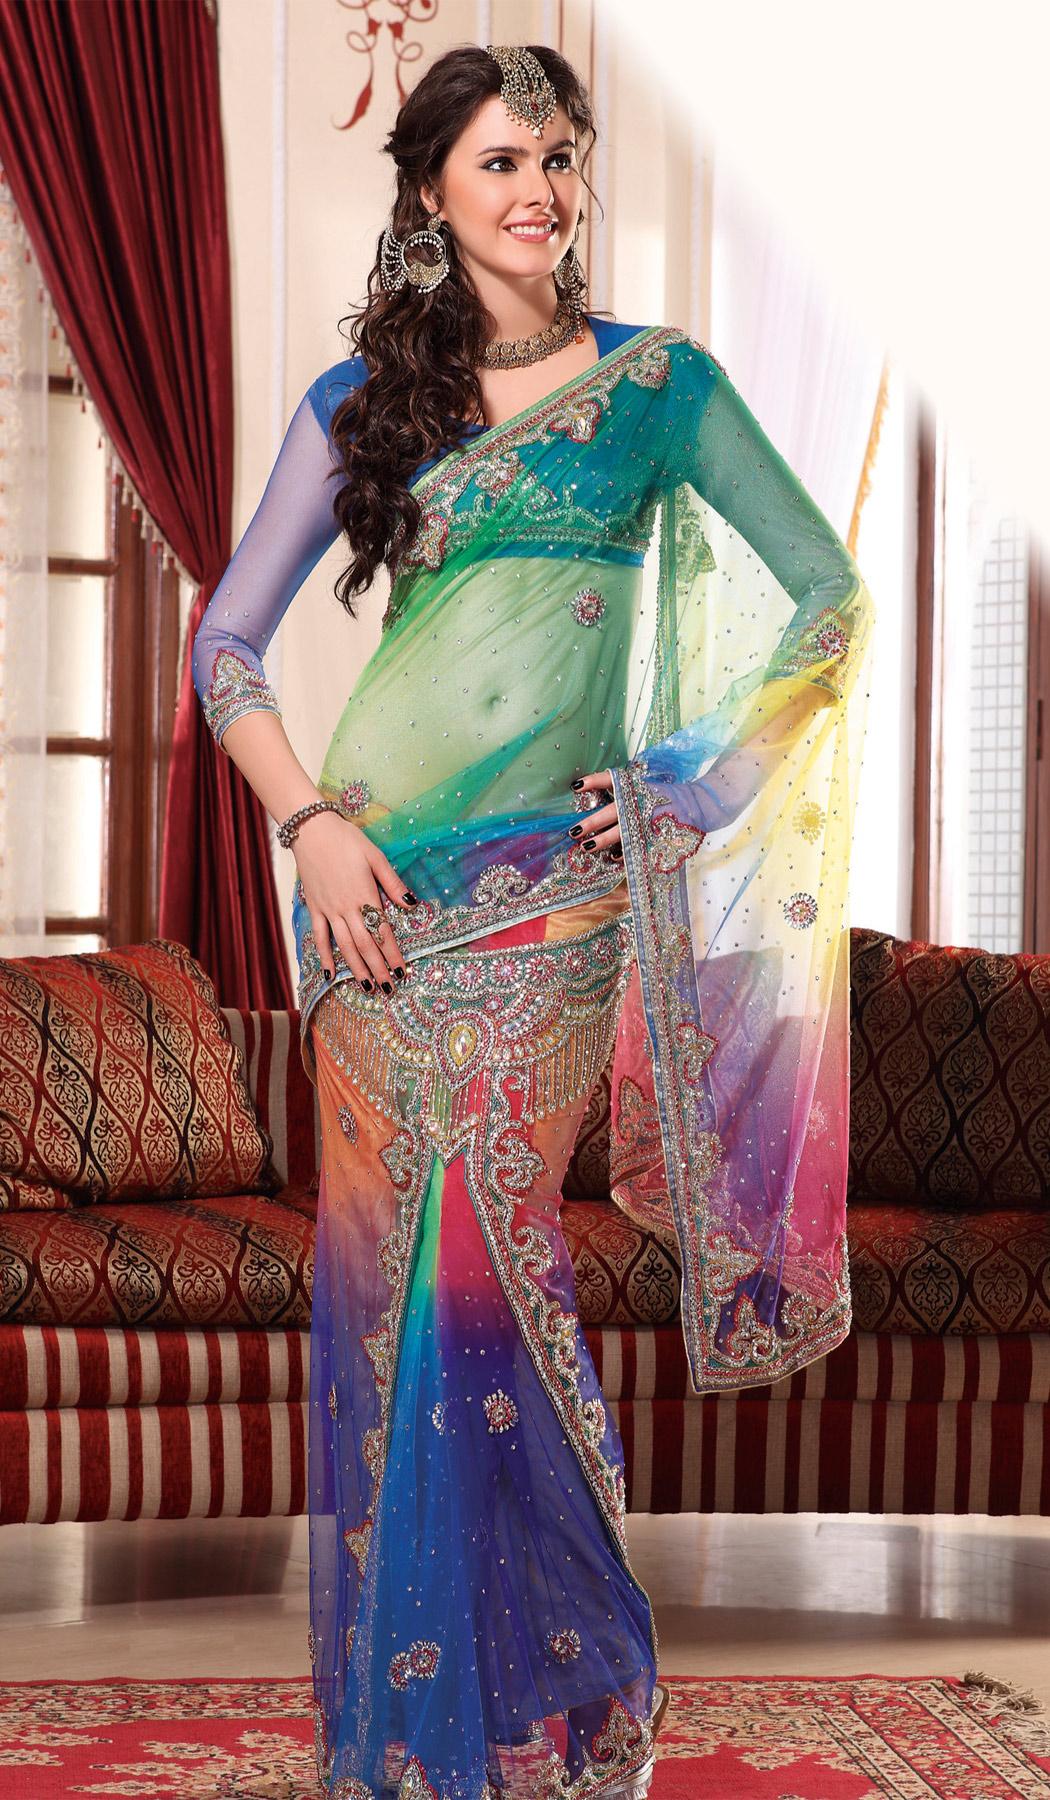 foto: indianfashiontrend.com